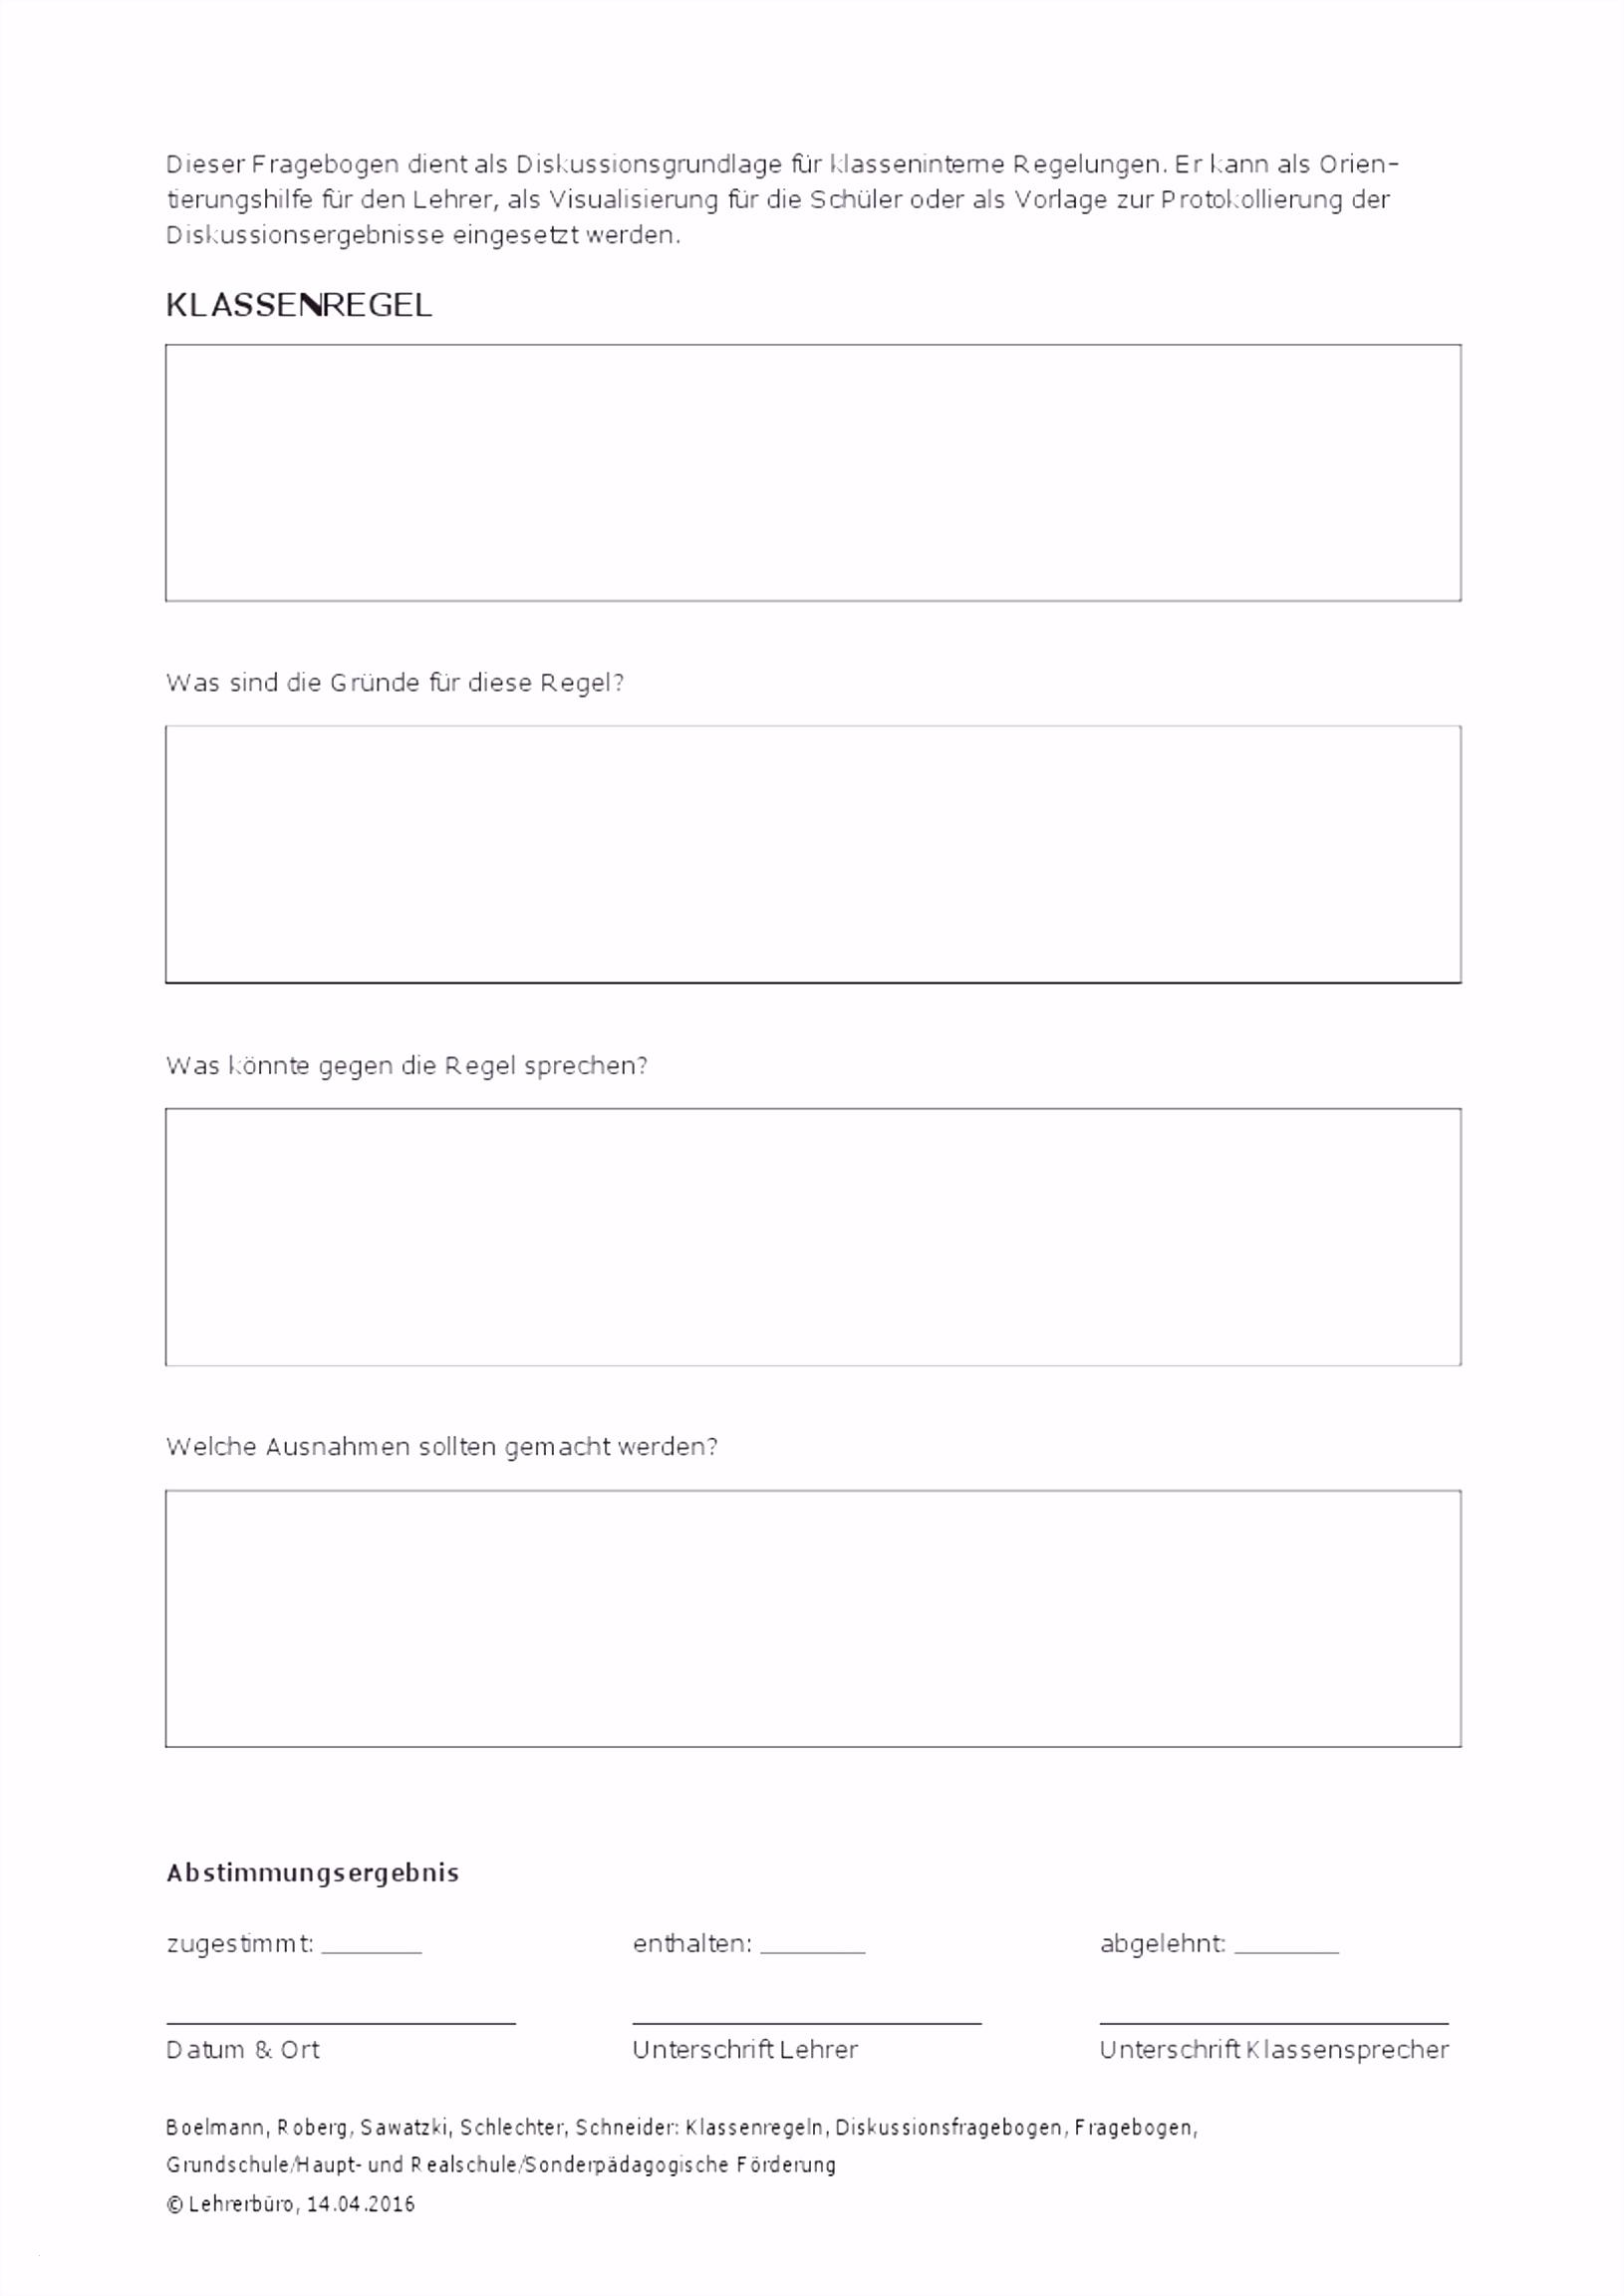 Fragebogen Zur Wohnungsbewerbung Vorlage Basic Lebenslauf Schueler D7qd72efa5 Jhits5ulnm